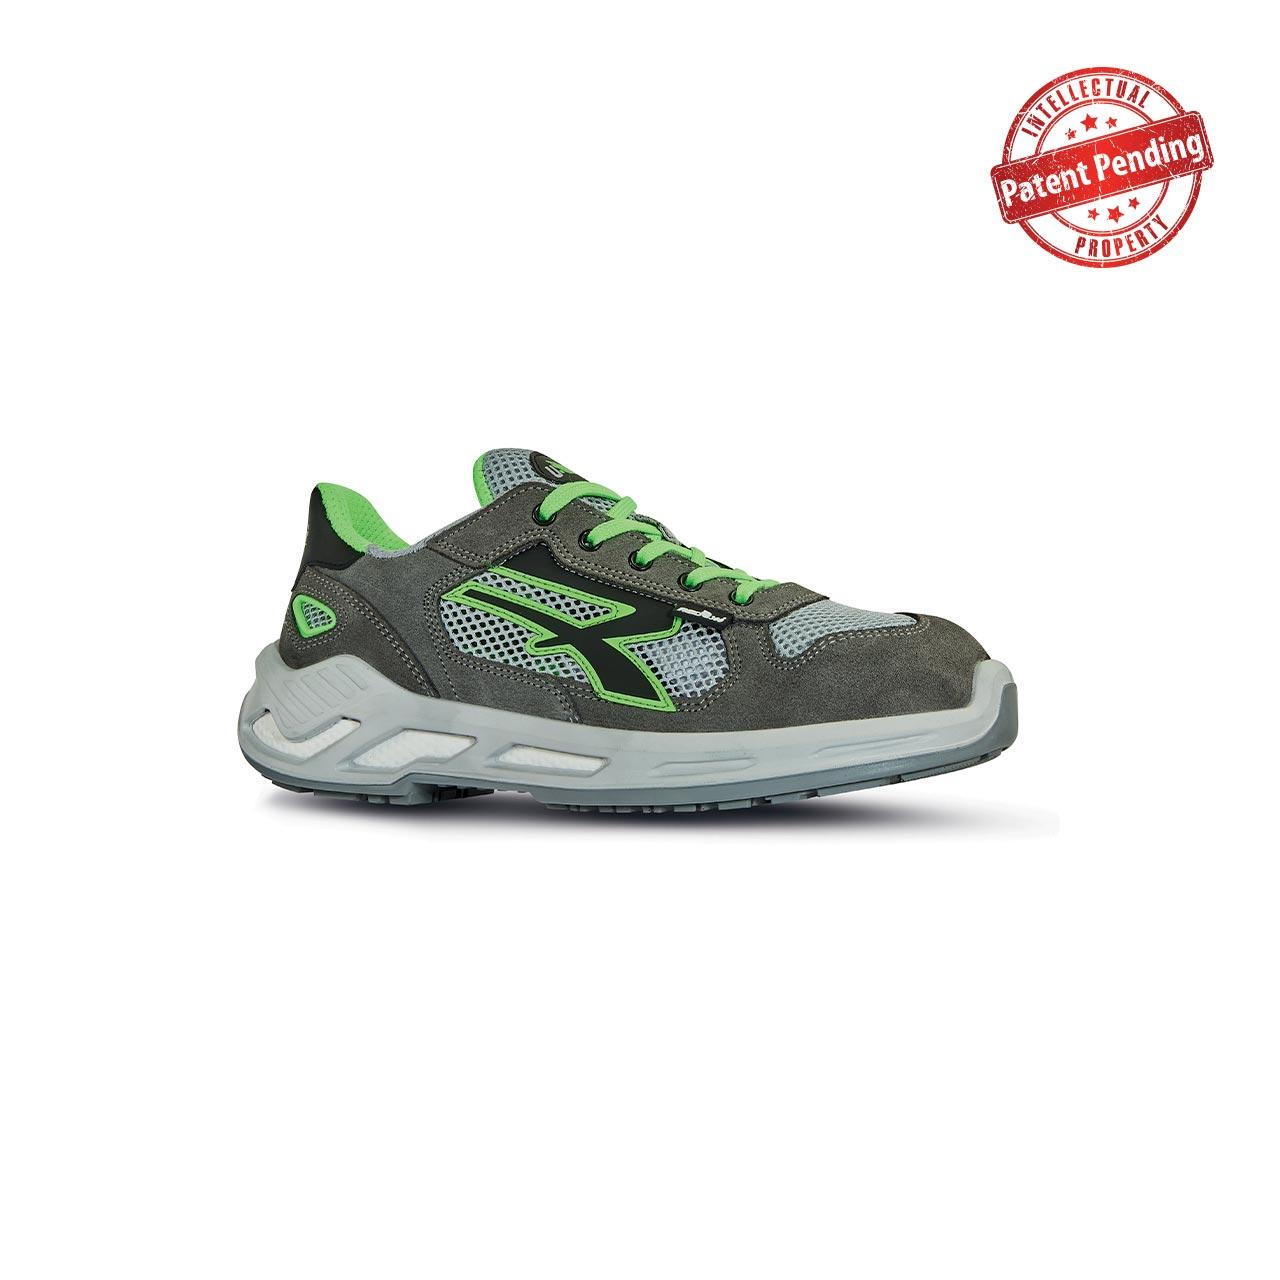 scarpa antinfortunistica upower modello specter linea red360 vista laterale